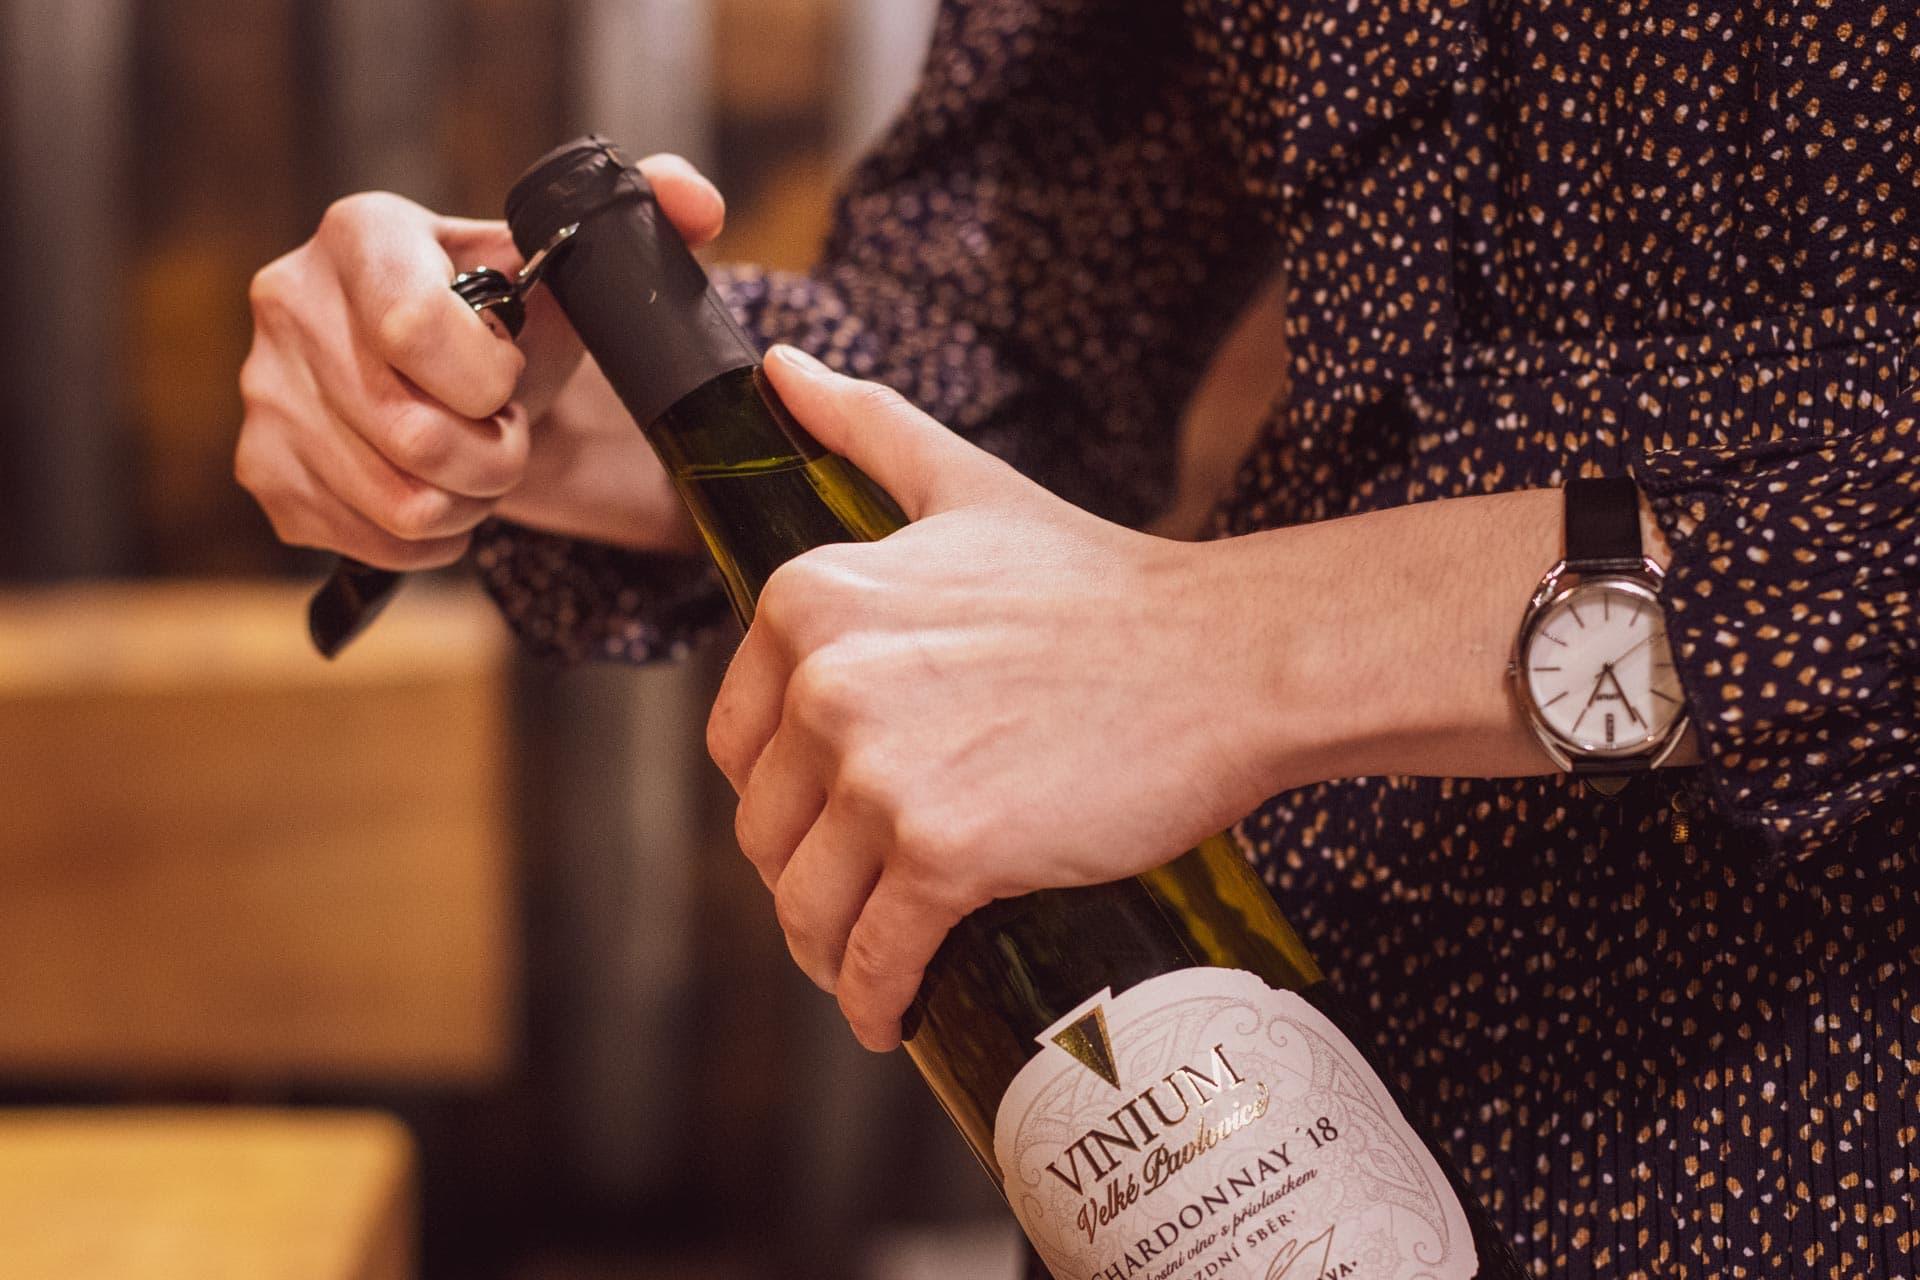 Foto ke článku 5, jak otevřít víno